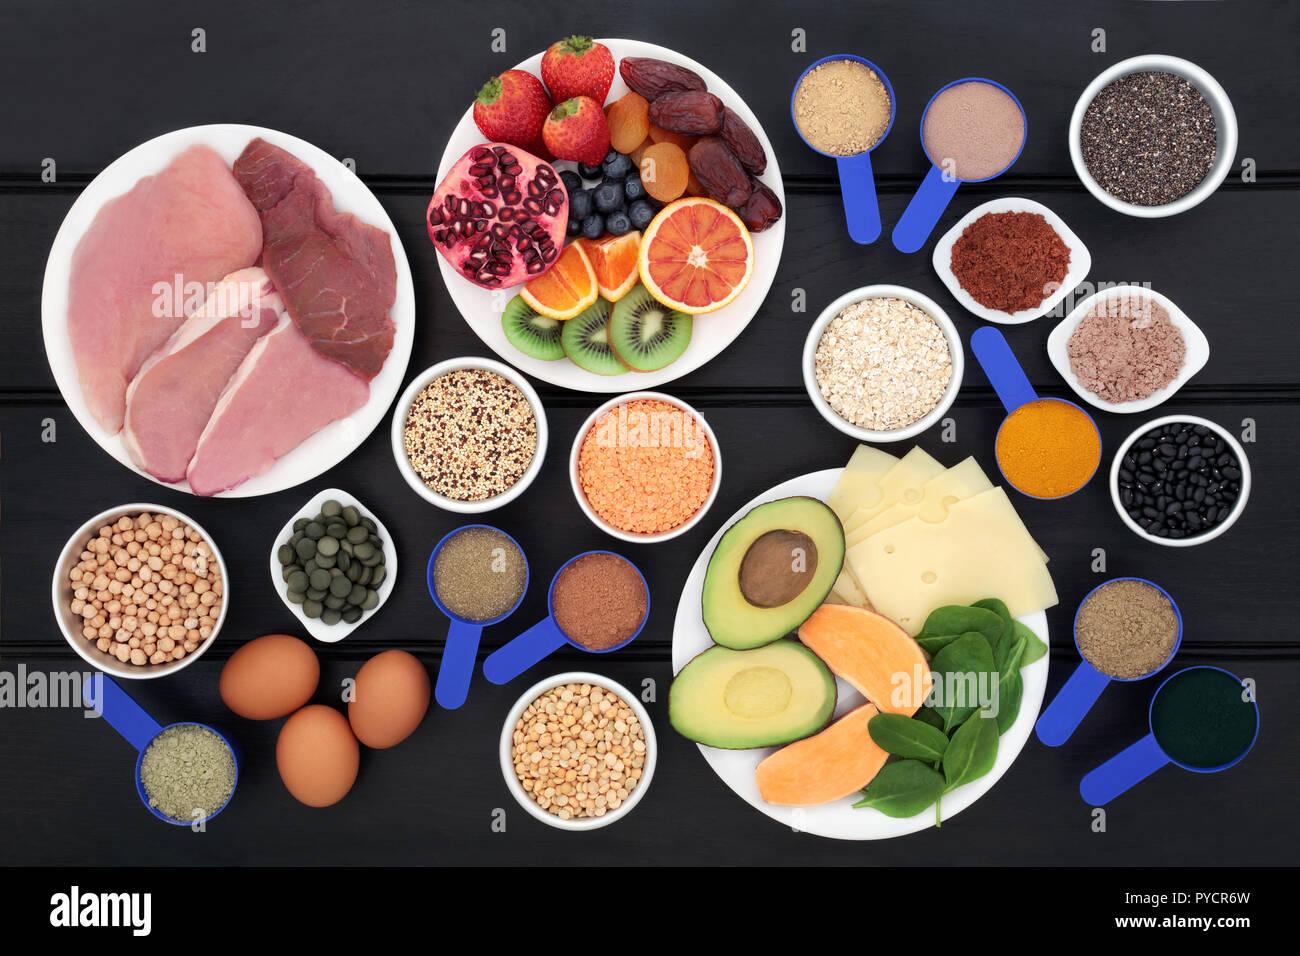 Alimentos saludables para los constructores del cuerpo con alto contenido  en proteínas como la carne, los productos lácteos, suplemento dietético en  polvo, tabletas de Chlorella, granos, cereales, fruta, verduras Fotografía  de stock -